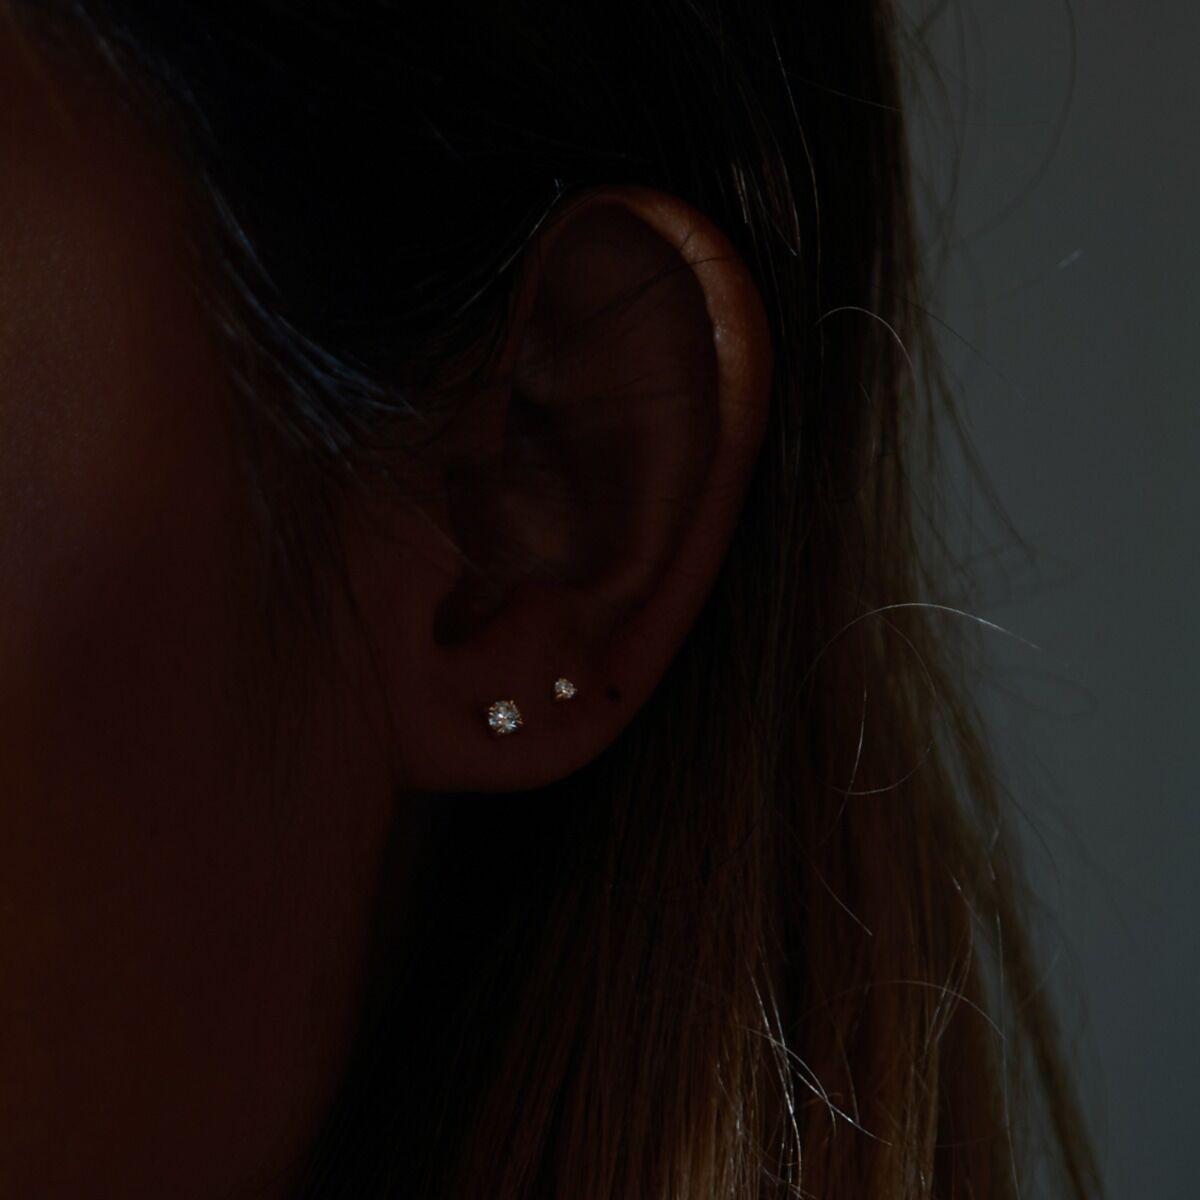 Petite Angel Hair Diamond Stud (single) image